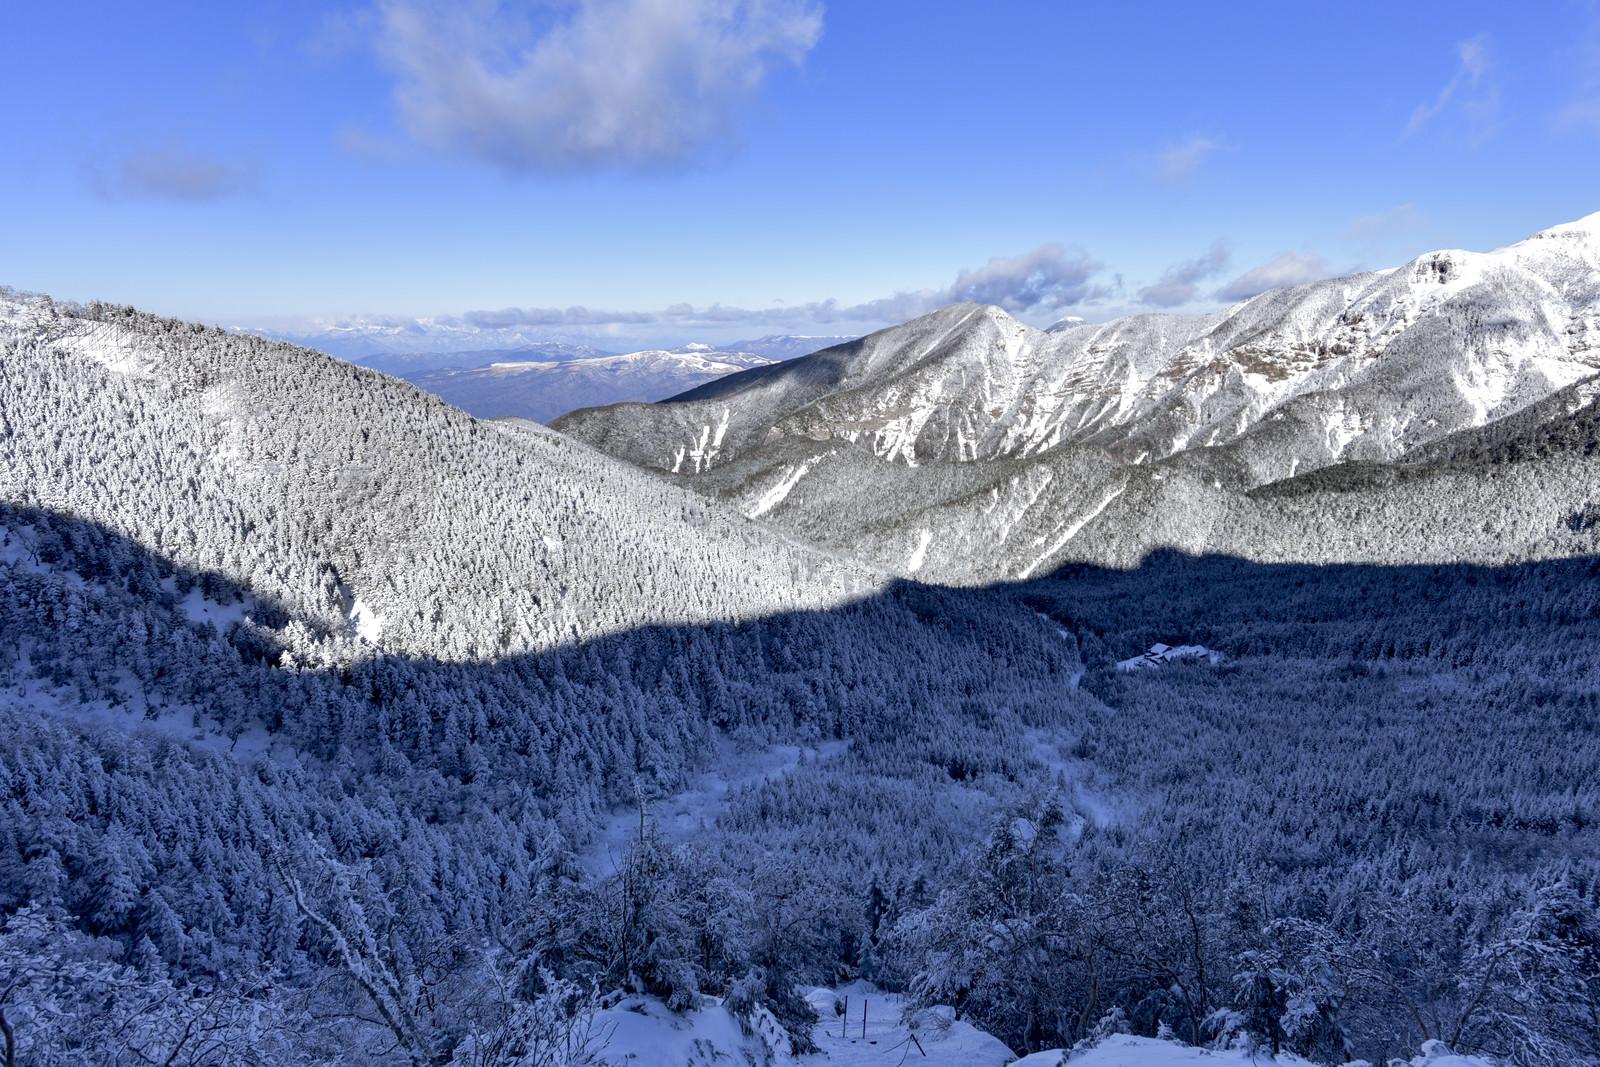 「赤岳の影が重なる八ヶ岳の雪の森」の写真